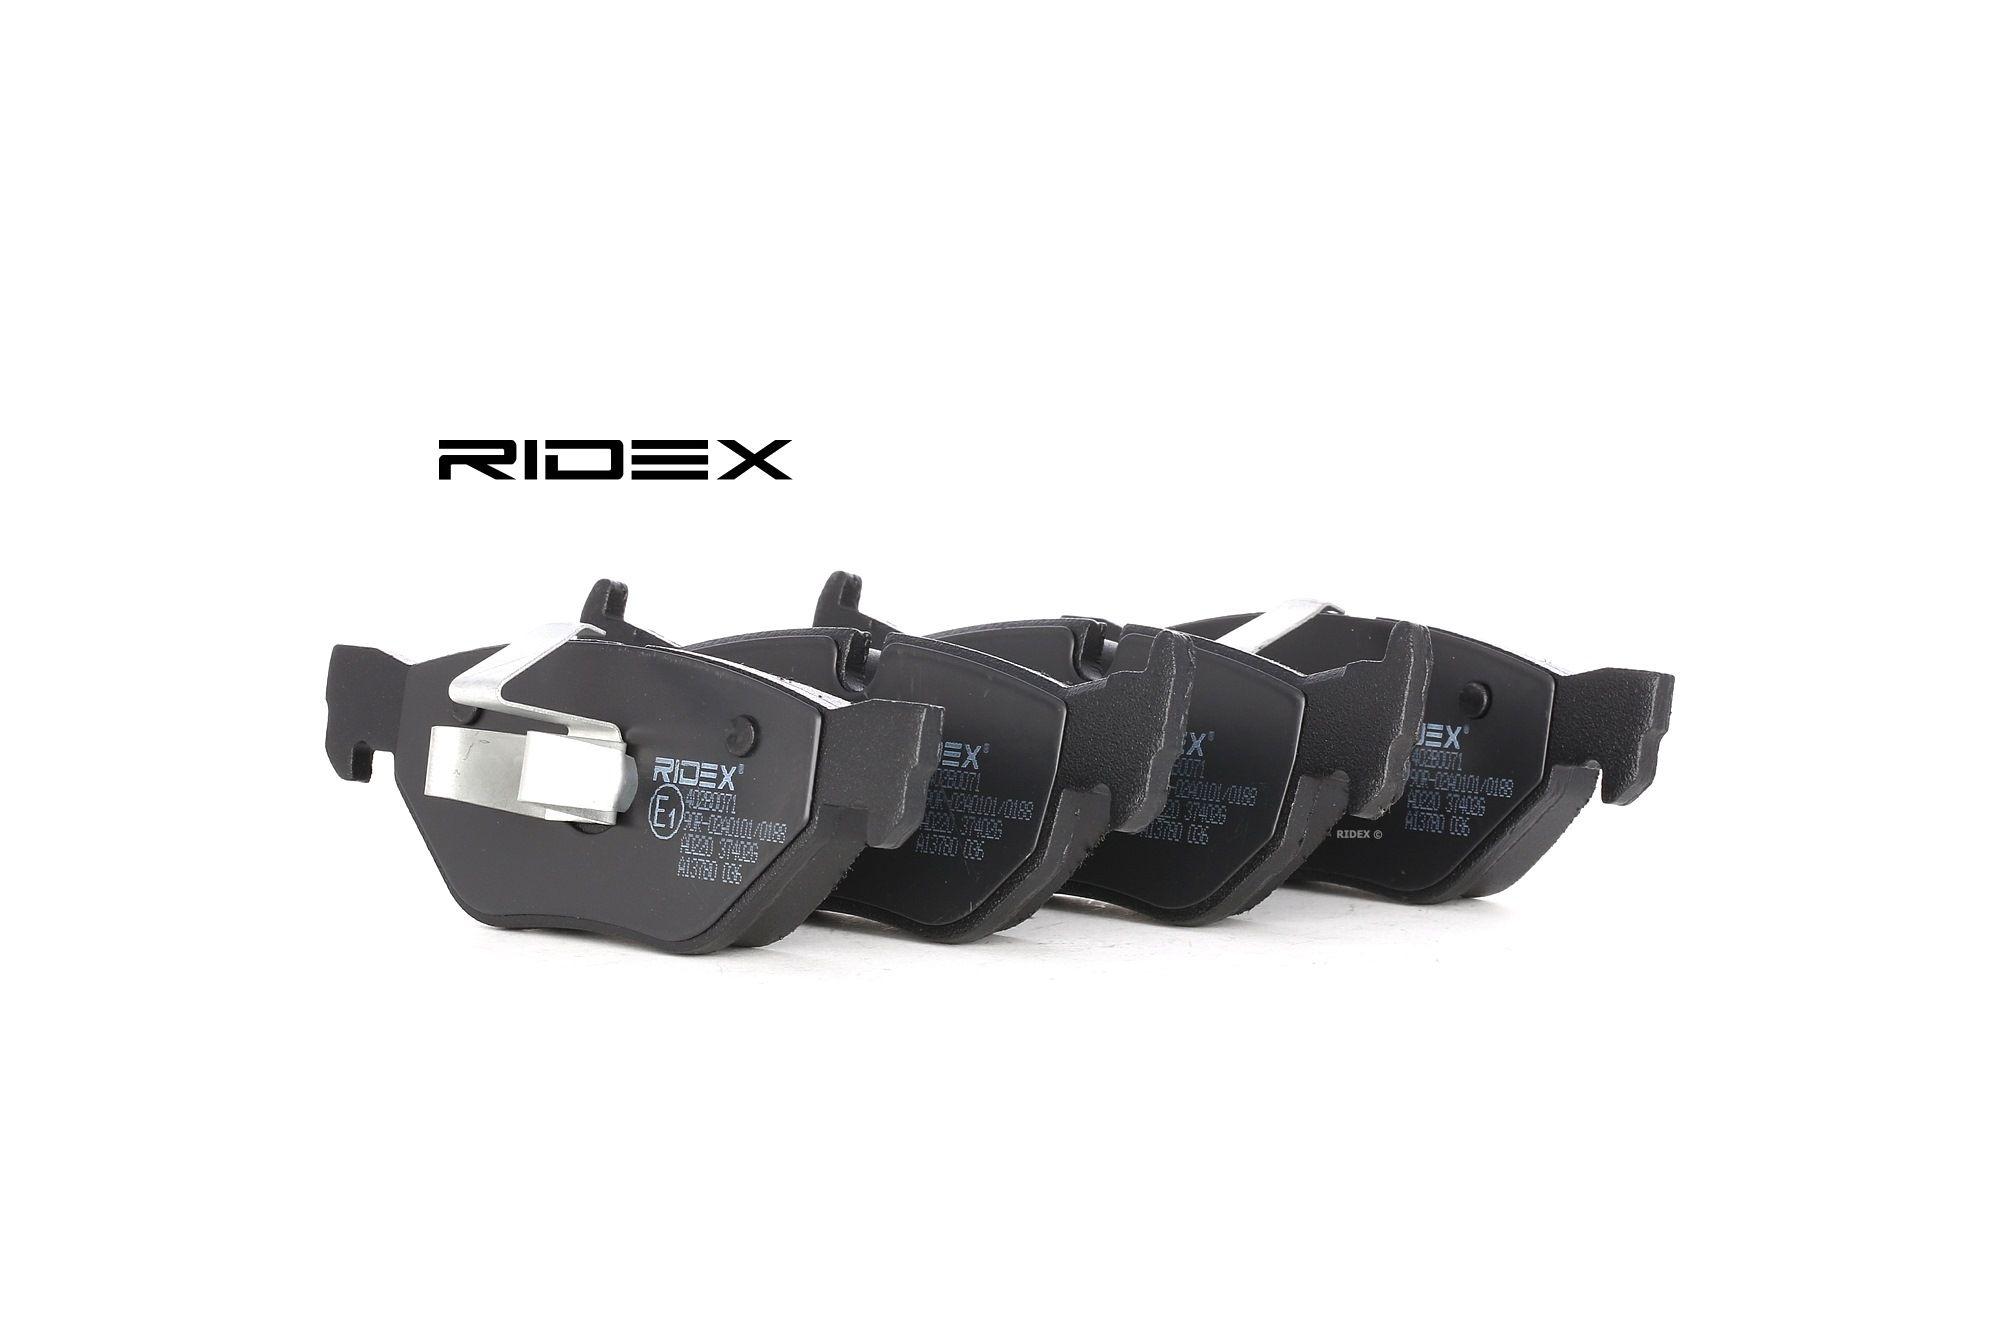 RIDEX %ART_NO_SYN_CLEAR% %DYNAMIC_AUTOPART_SYNONYM% BMW X1 E84 xDrive28i Flex 2.0 2015 245 PS - Premium Autoteile-Angebot